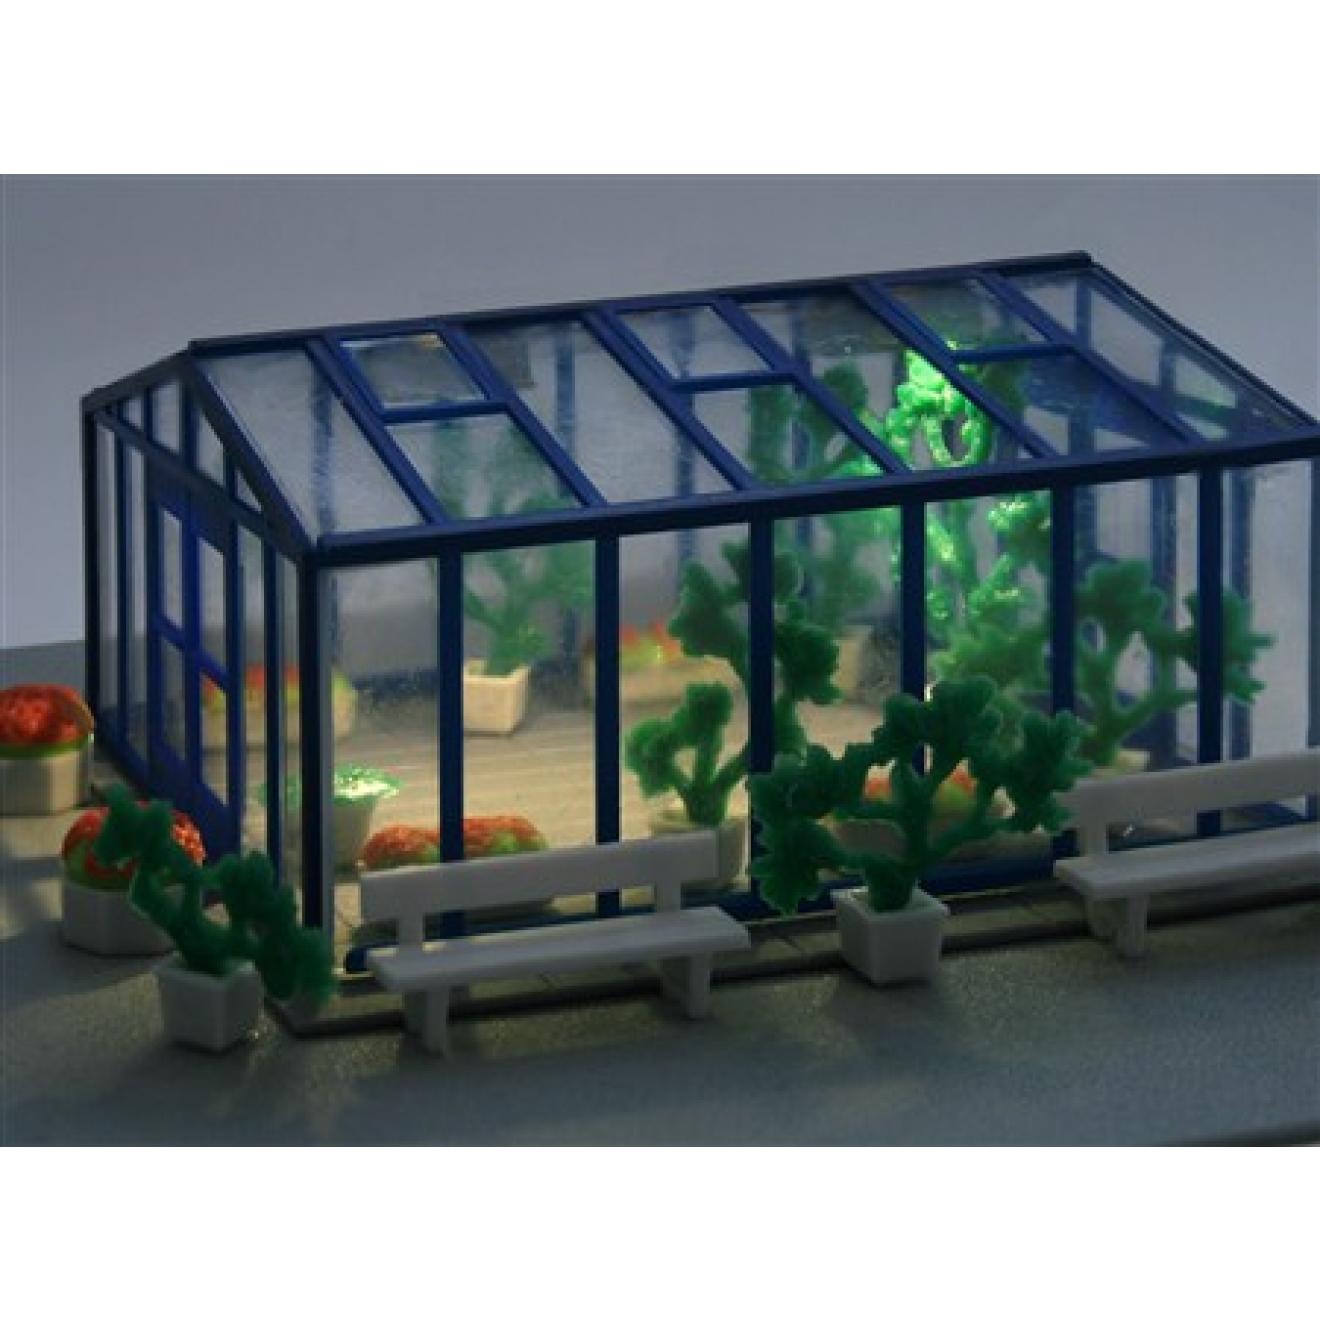 h0 deko set gew chshaus mit led beleuchtung modellbau fischer g nstige modellbauartikel mit top. Black Bedroom Furniture Sets. Home Design Ideas